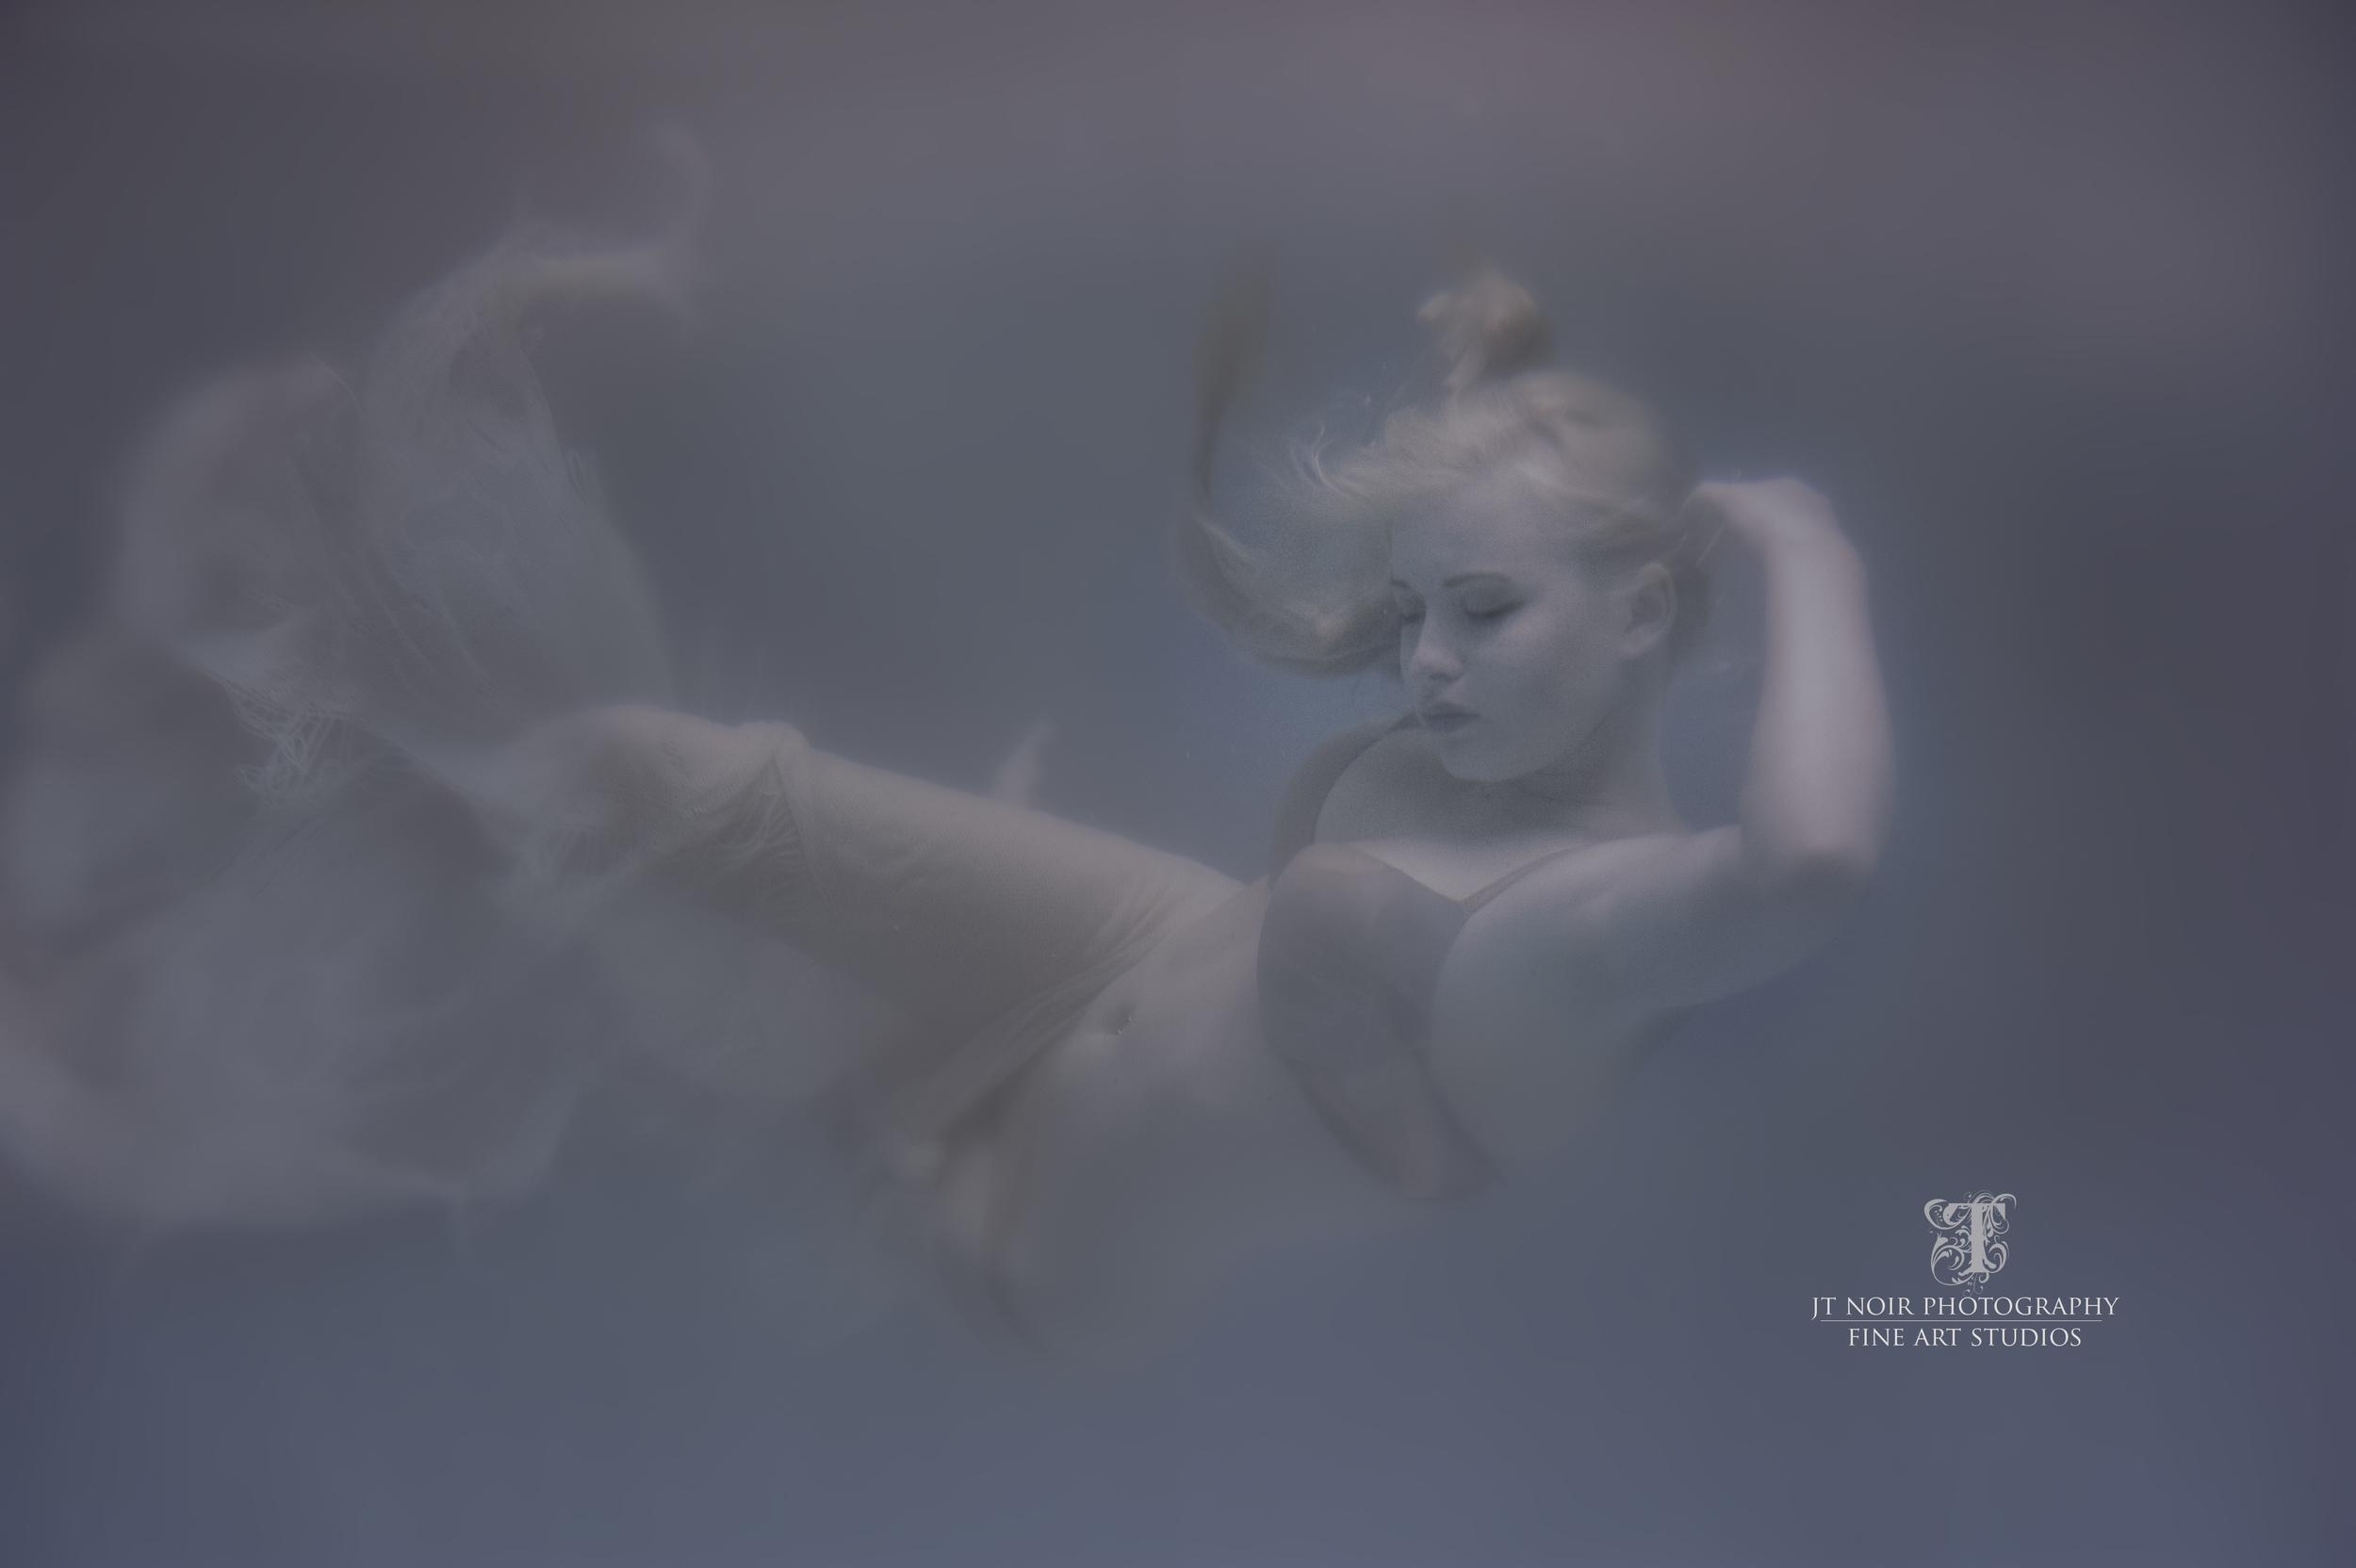 JTNoir_Photography_Underwater_Boudoir_Mandy_6_2015_2.jpg